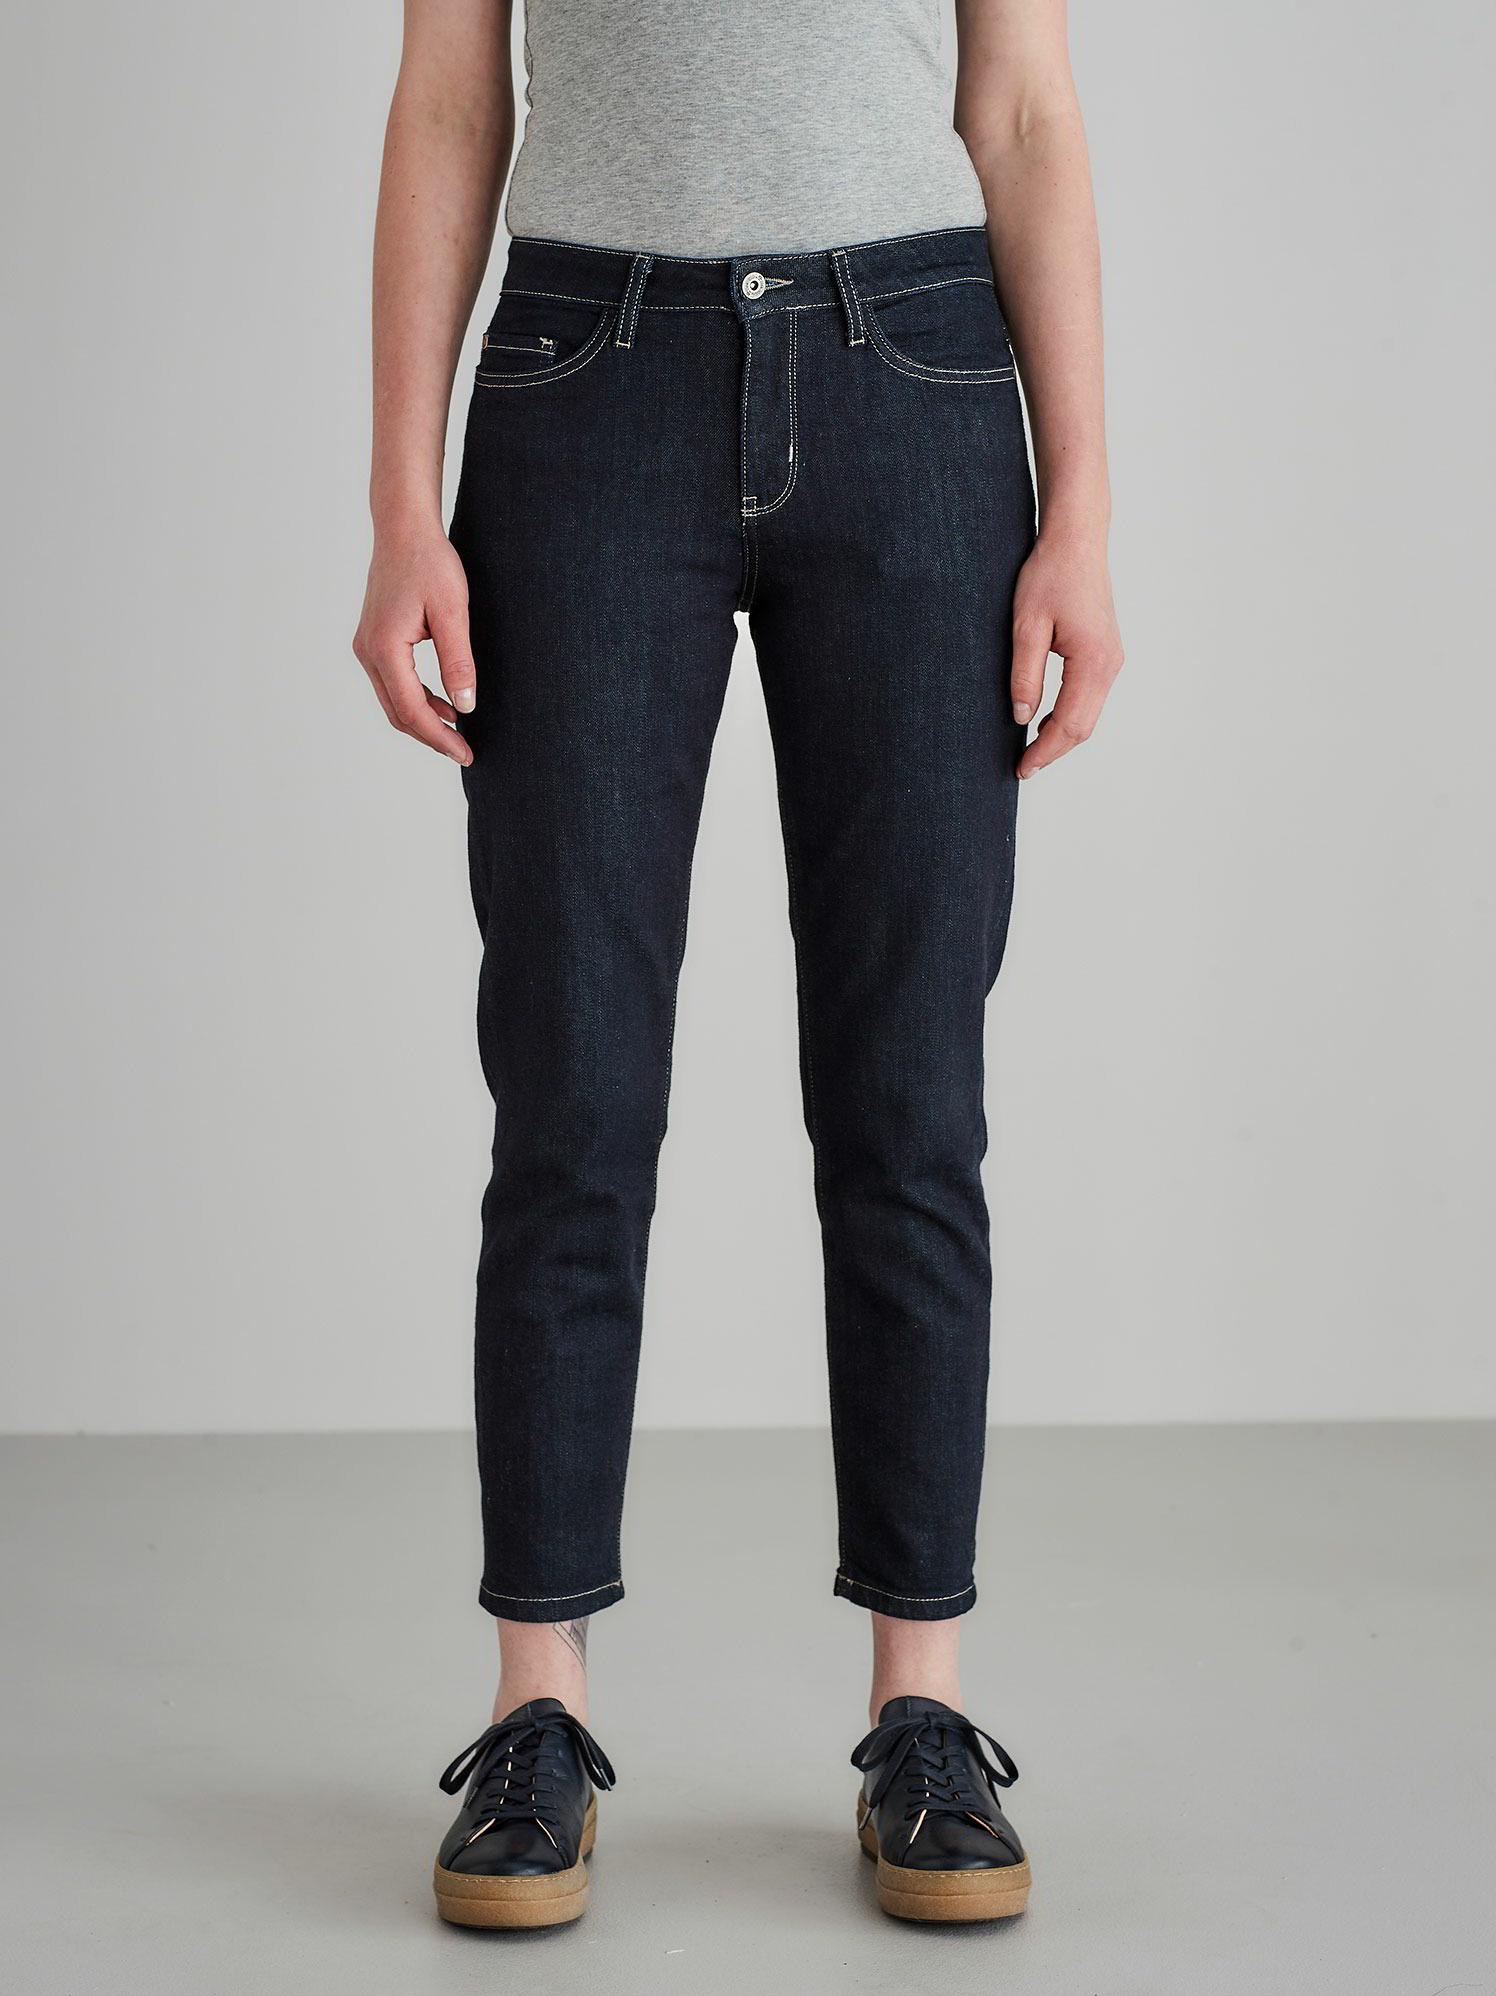 am besten authentisch Super Qualität Sonderangebot Jeans-7/8 Länge